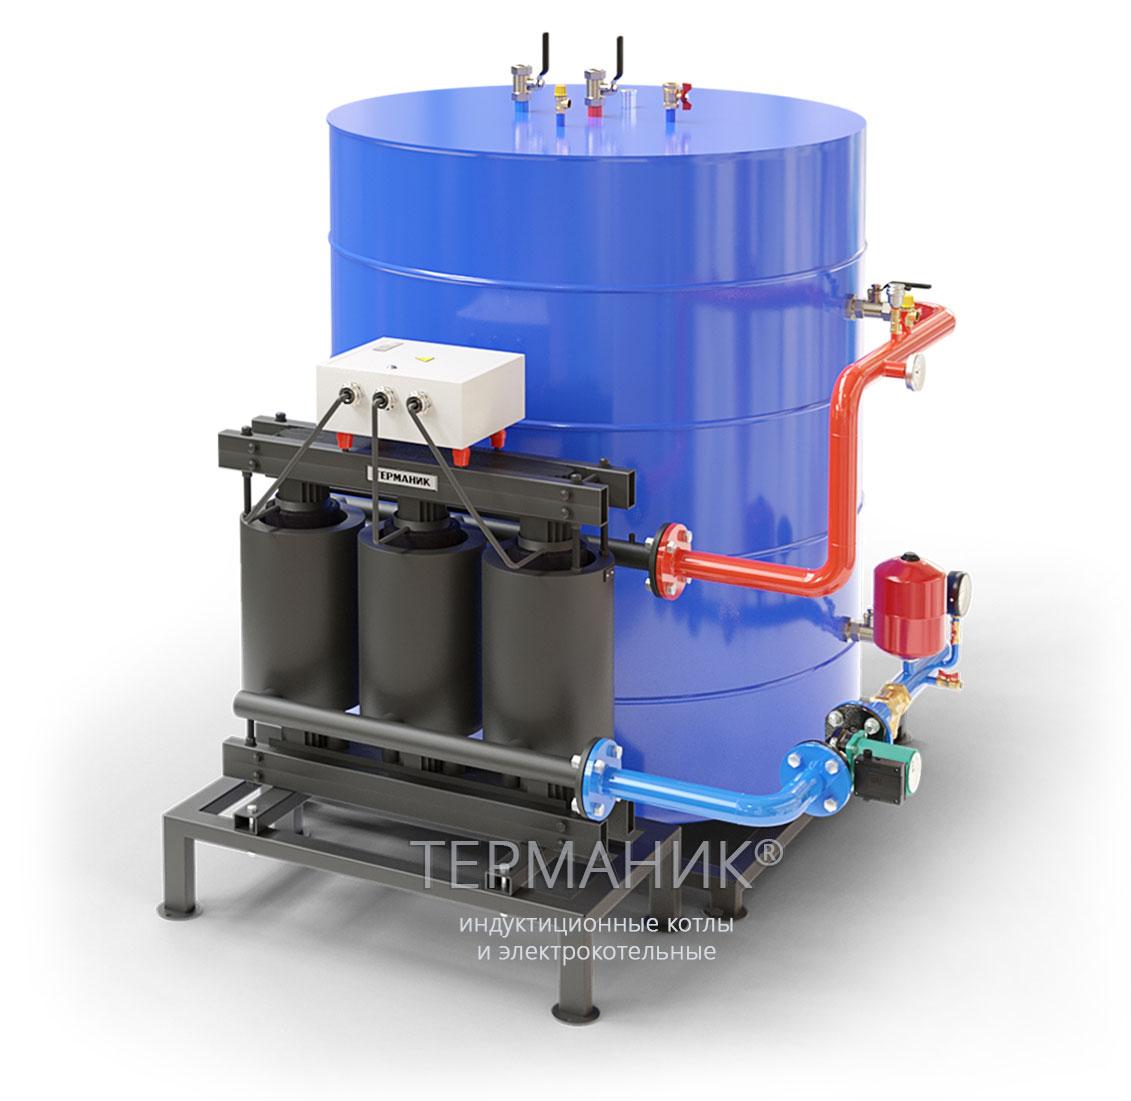 Терманик ГВС водонагреватель накопительного типа на индукционных котлах